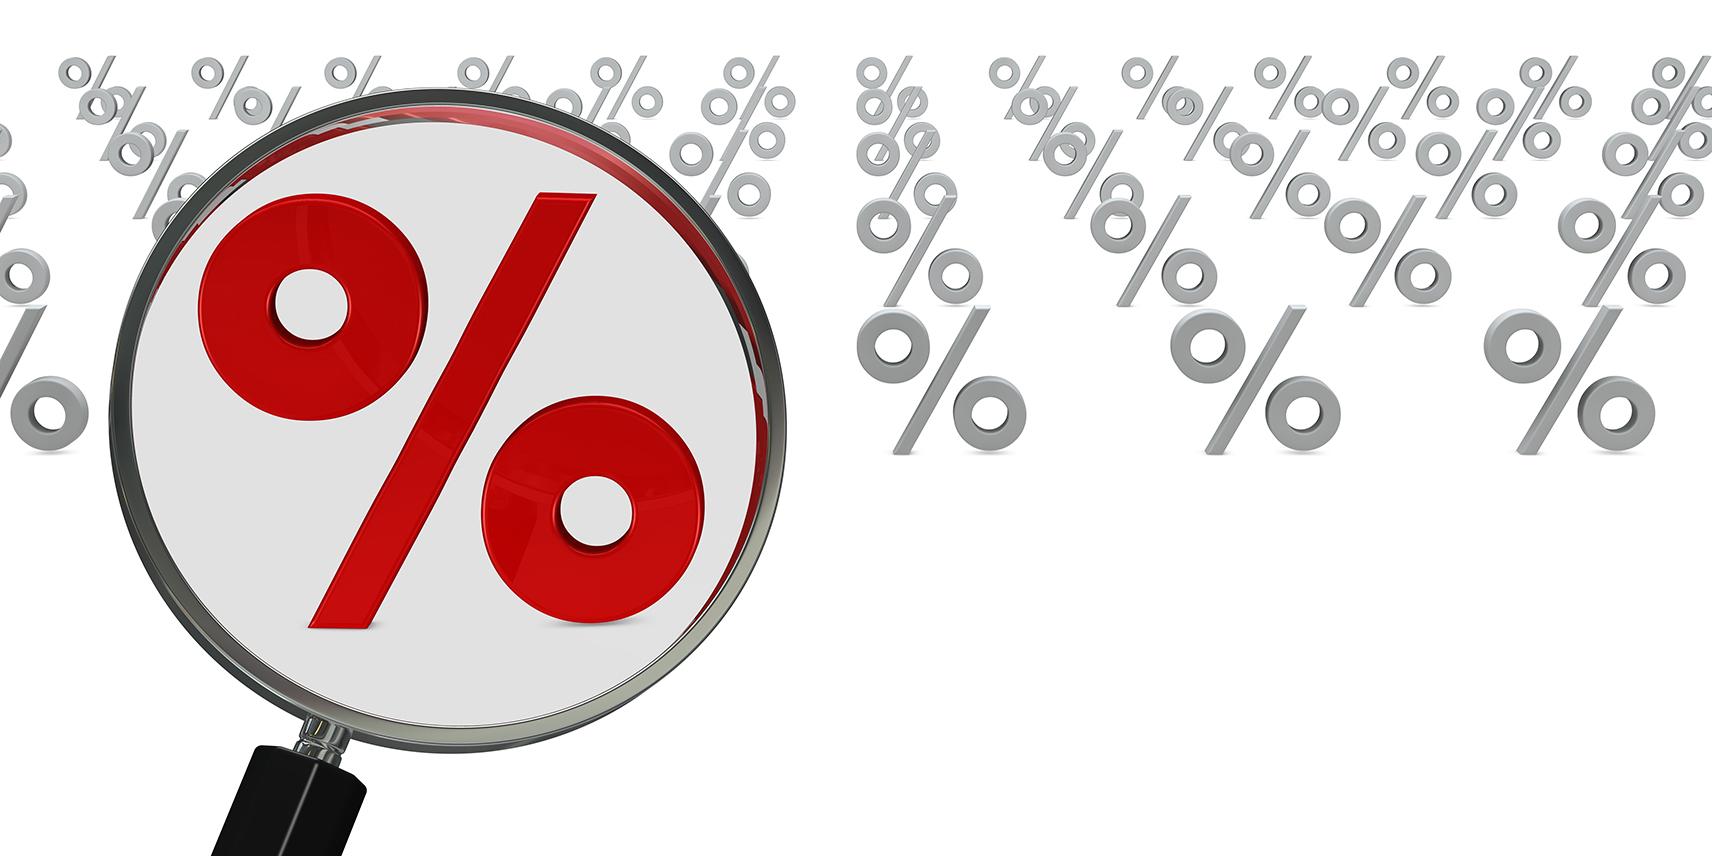 Курс на опережение: от Центробанка ожидают жесткого повышения ключевой ставки